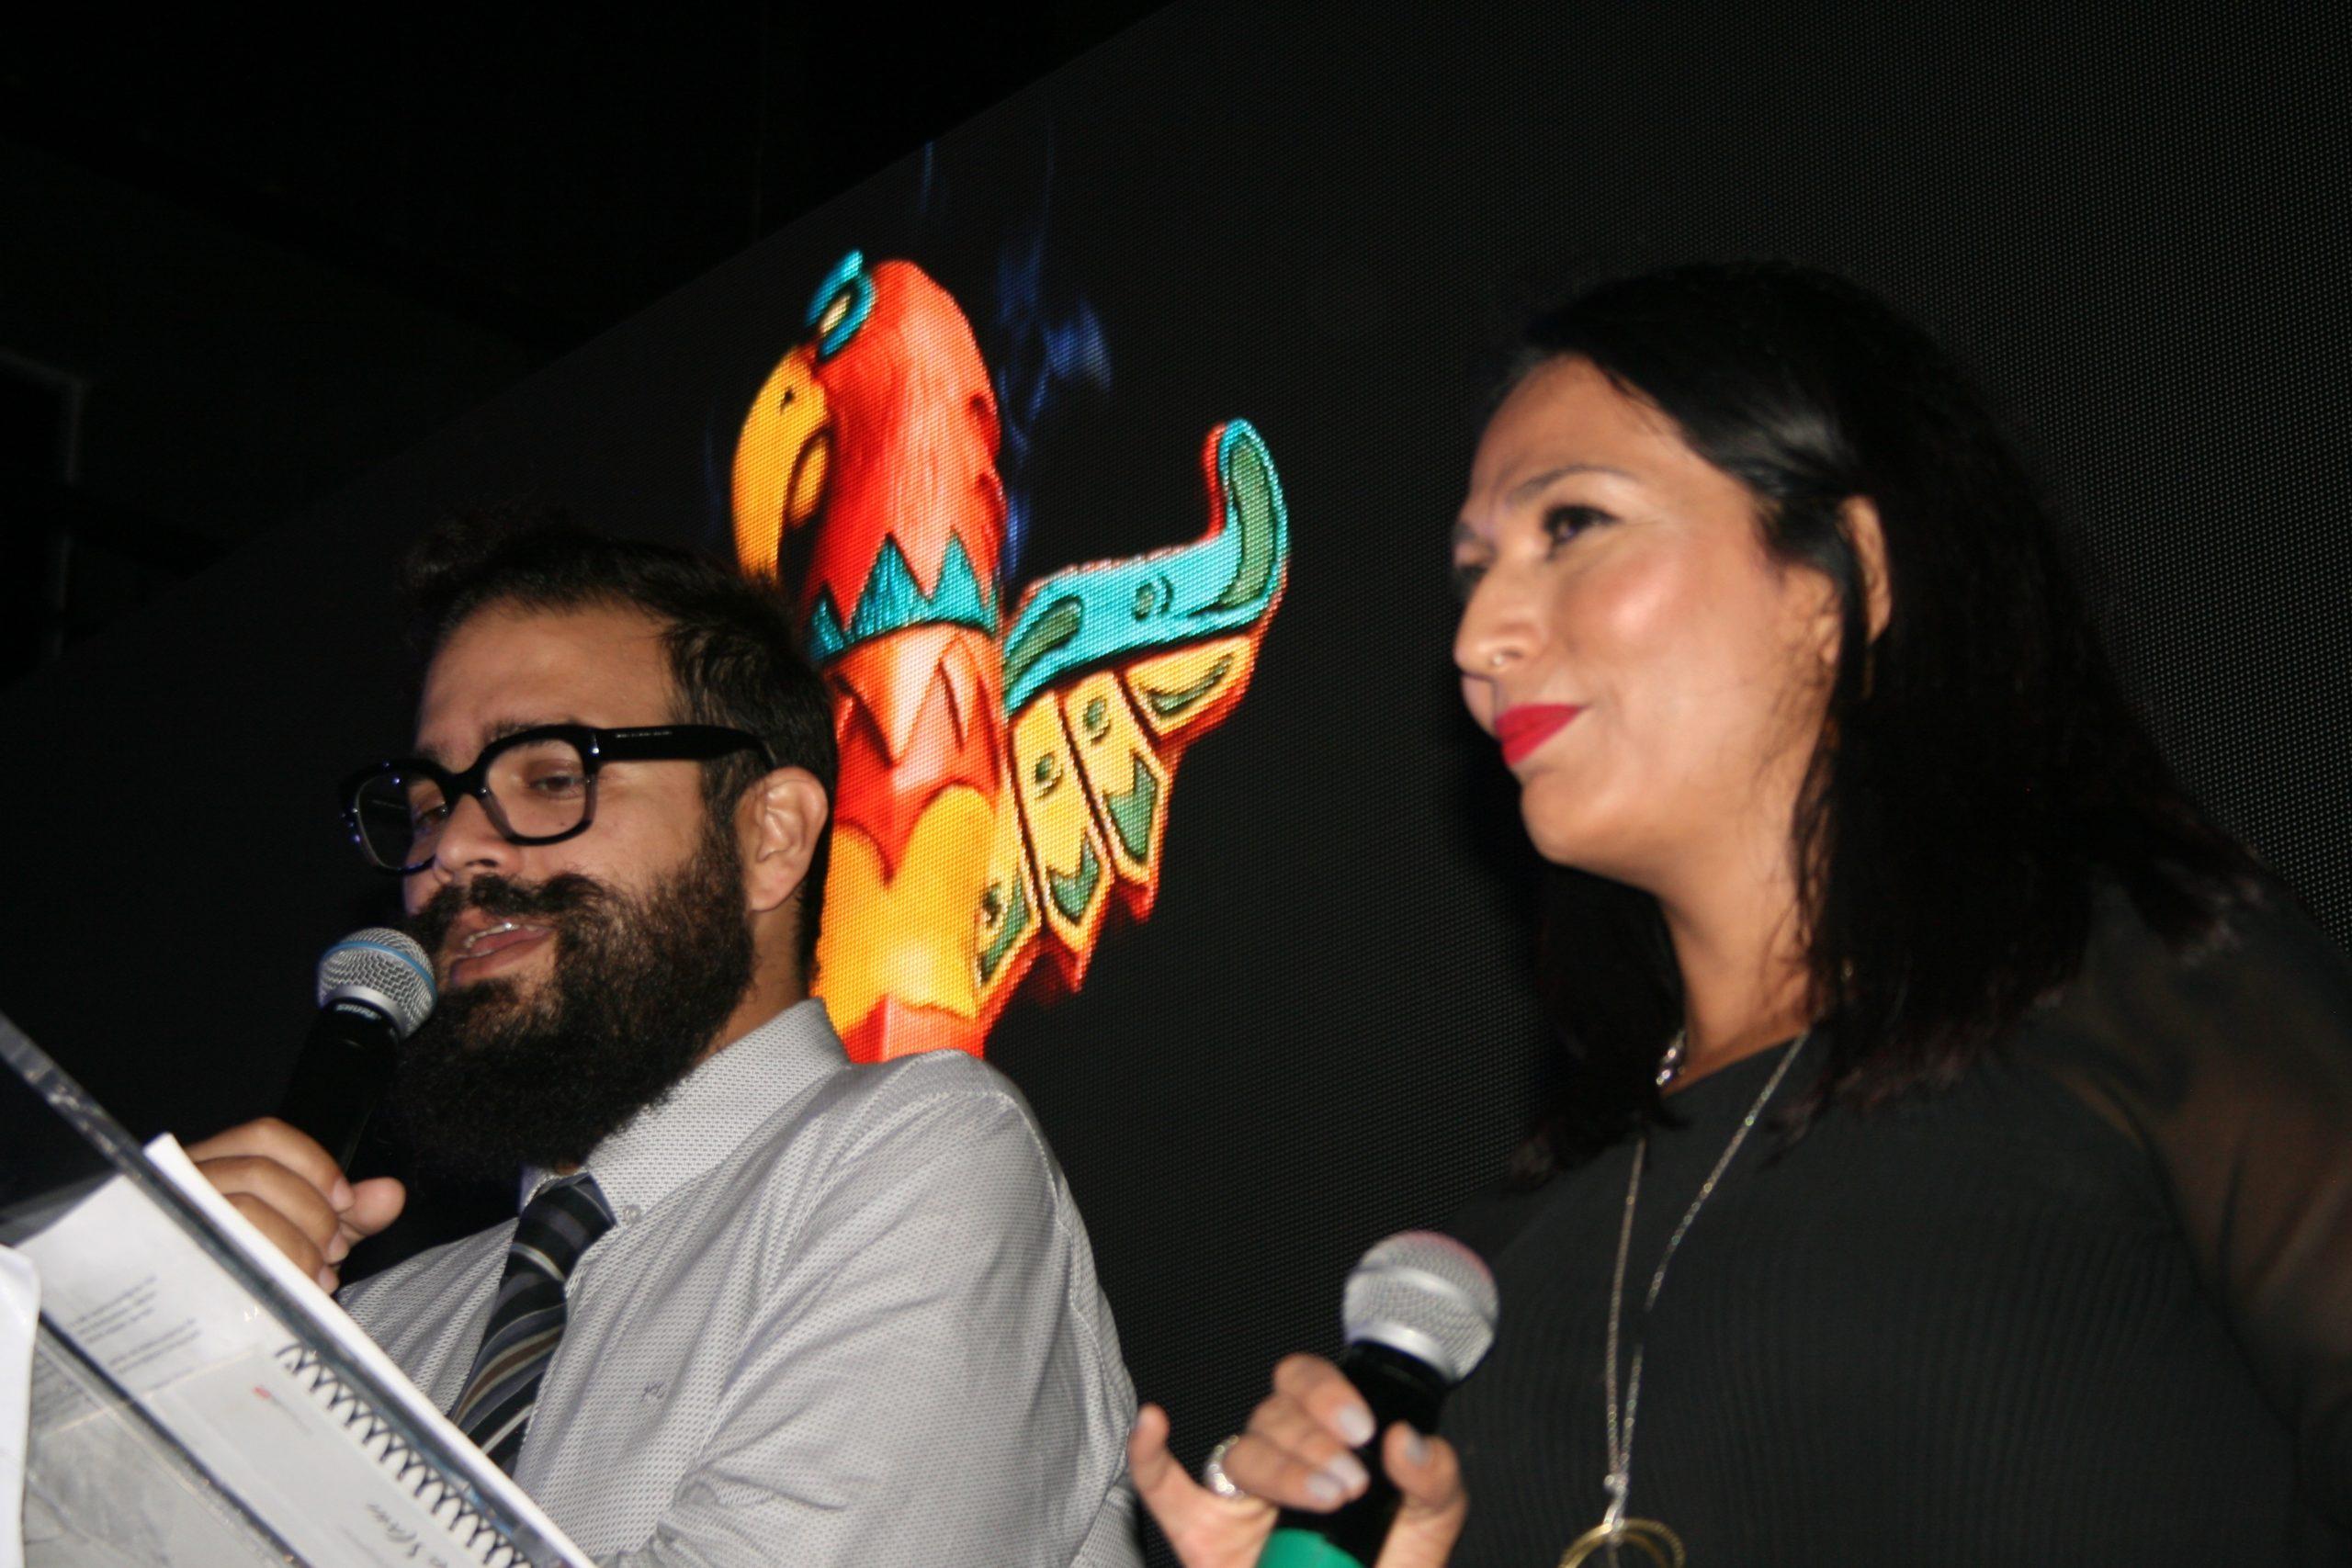 Se traslada el Círculo de Oro de Acapulco a México y de diciembre de 2017 a enero de 2018